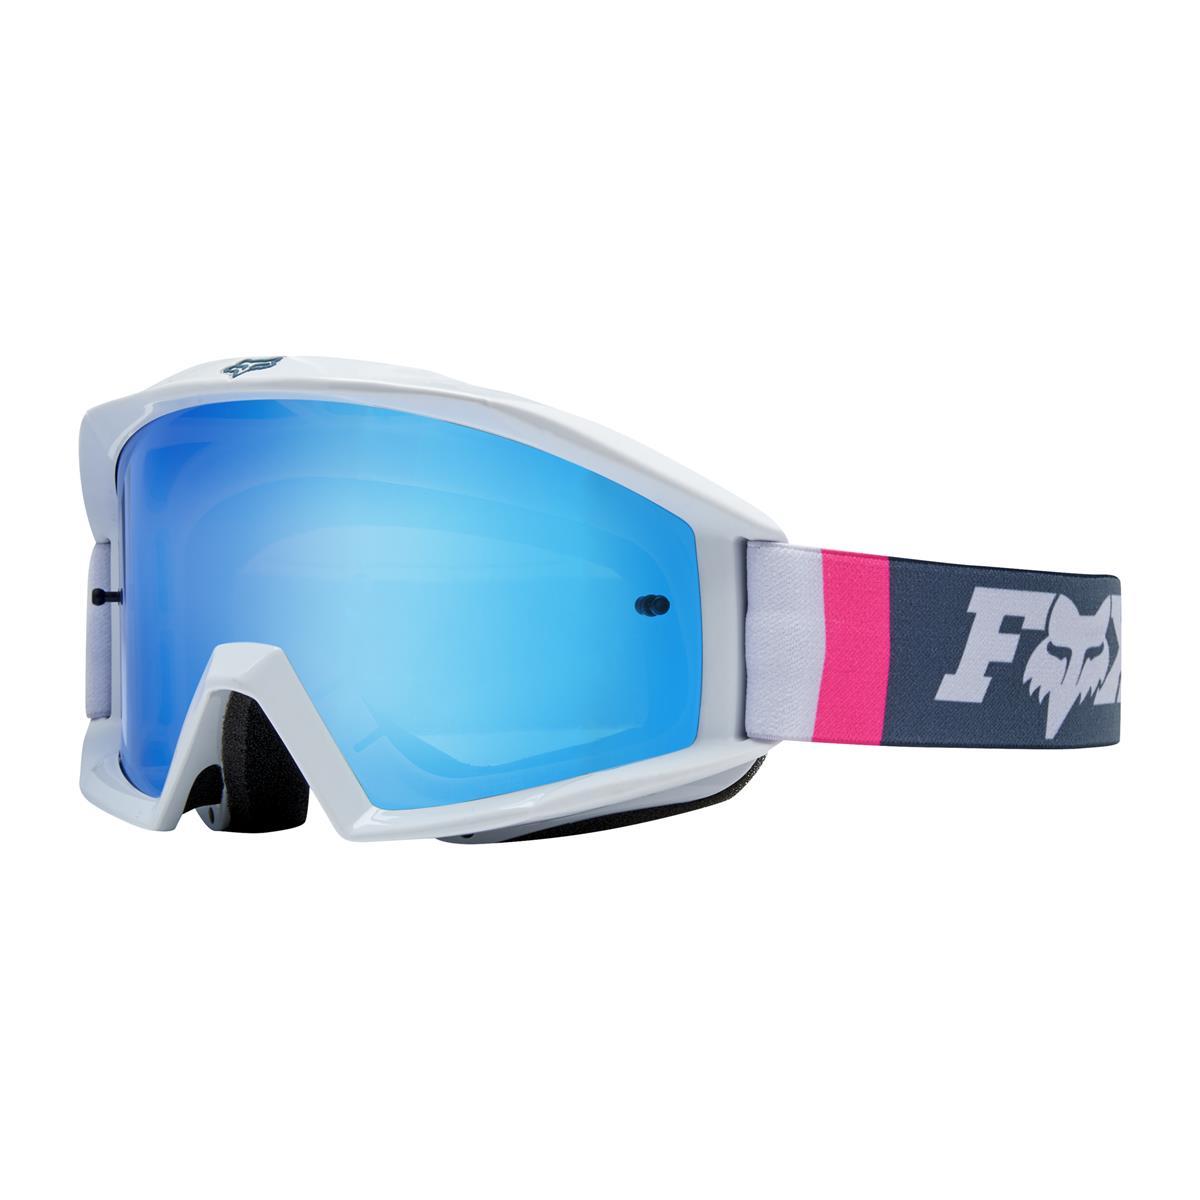 Fox Crossbrille Main Cota Weiß/Navy - Blau verspiegelt